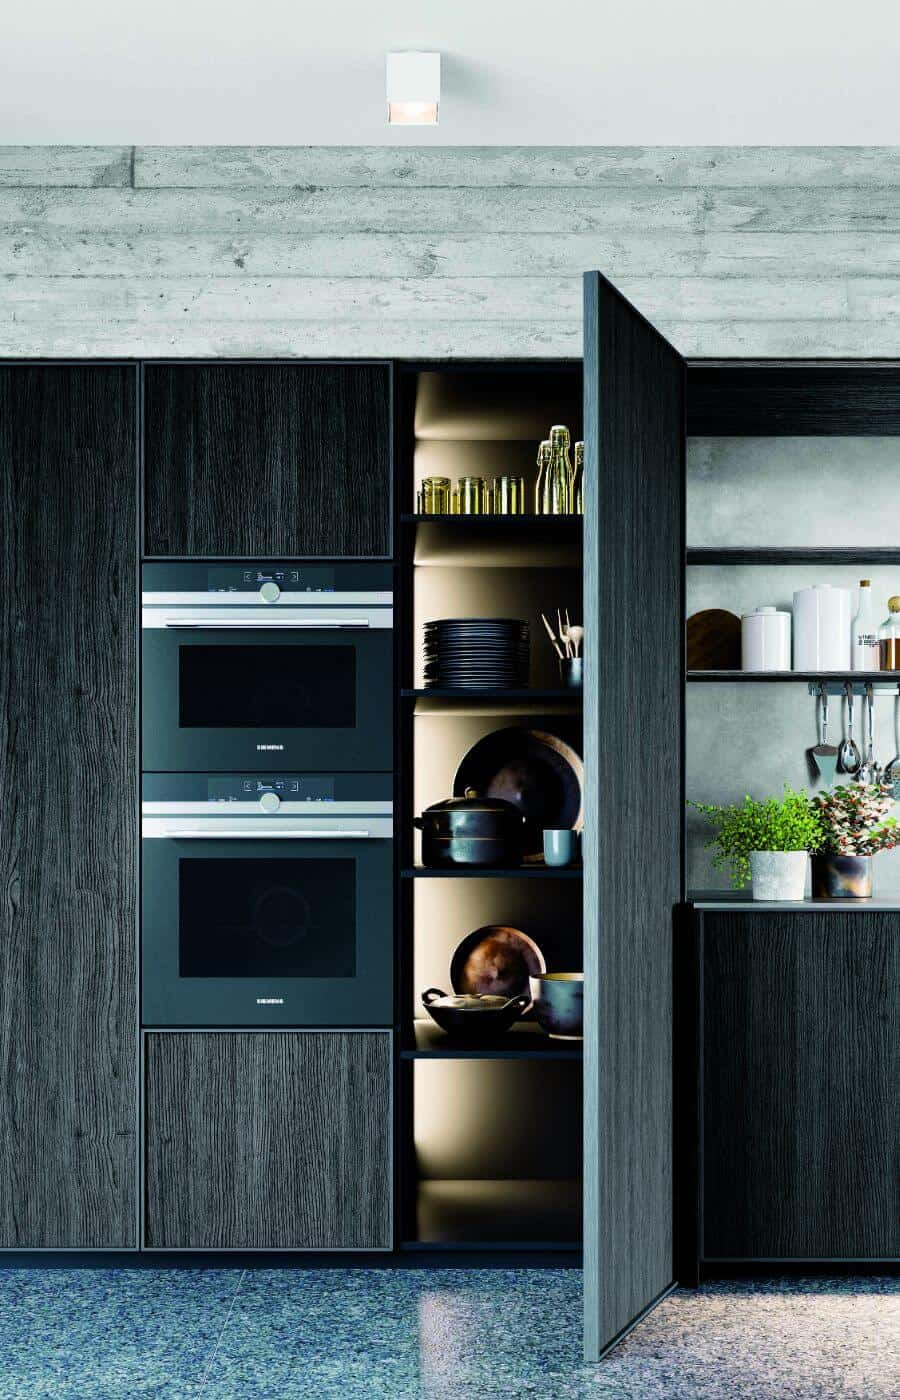 cucina-carrello-estraibile-illuminazione-interna-collezione-ibis-il-mobile